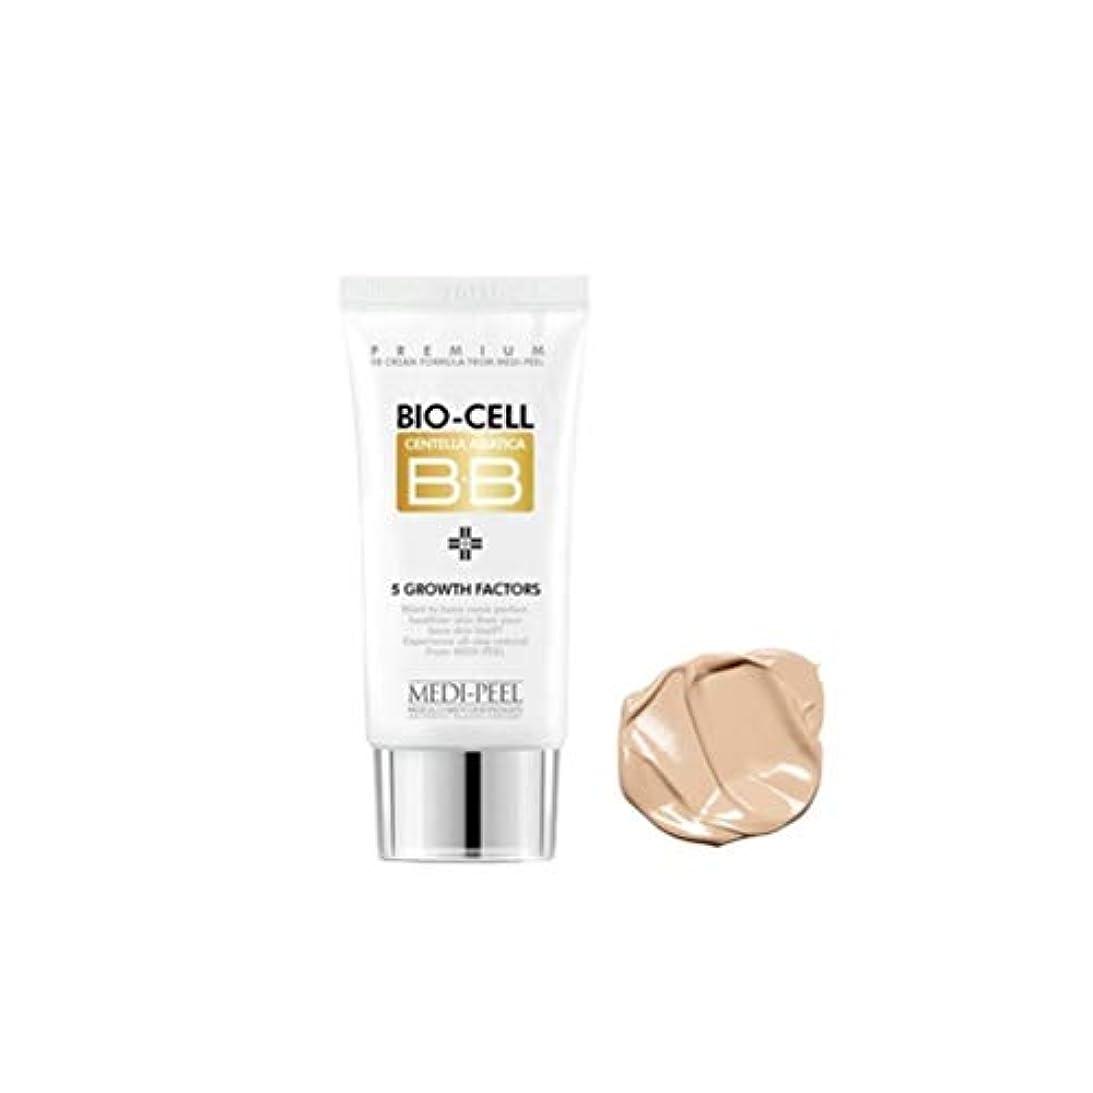 うねる難民パイ[Medi-Peel] メディピール バイオセル BBクリーム 50ml. [美.白?シワ.改善2重機能性化粧品] Medi-Peel Bio-cell BB Cream 50ml.